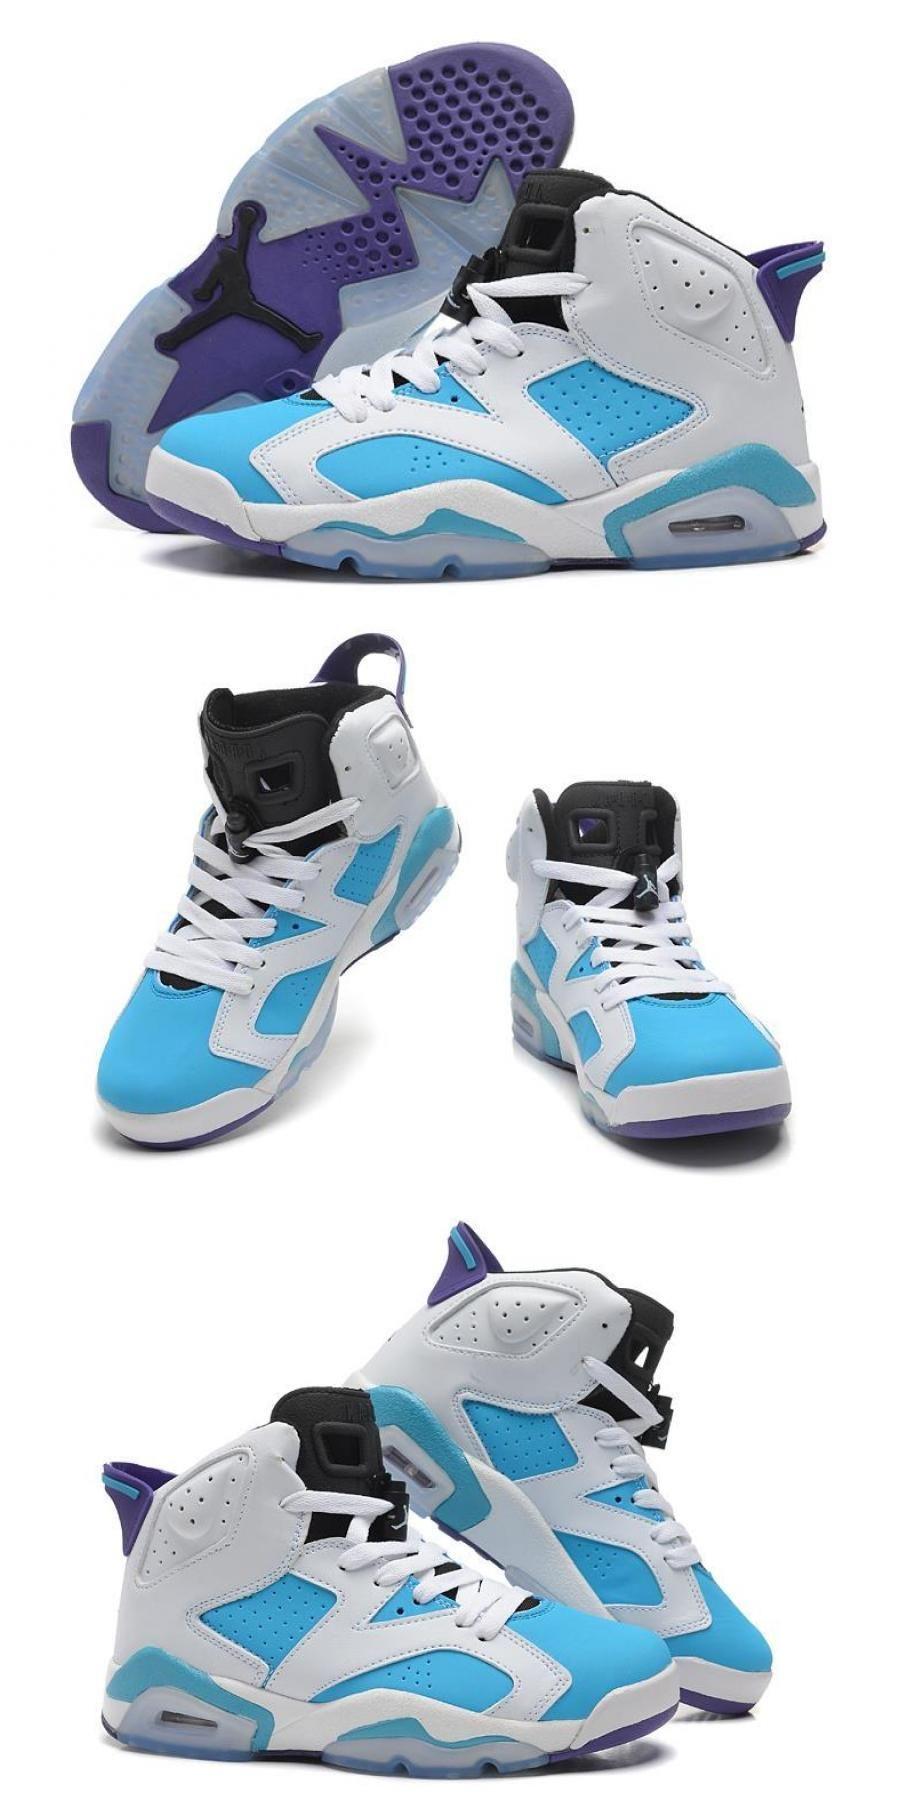 Air Jordan 6 Gs White Blue Purple